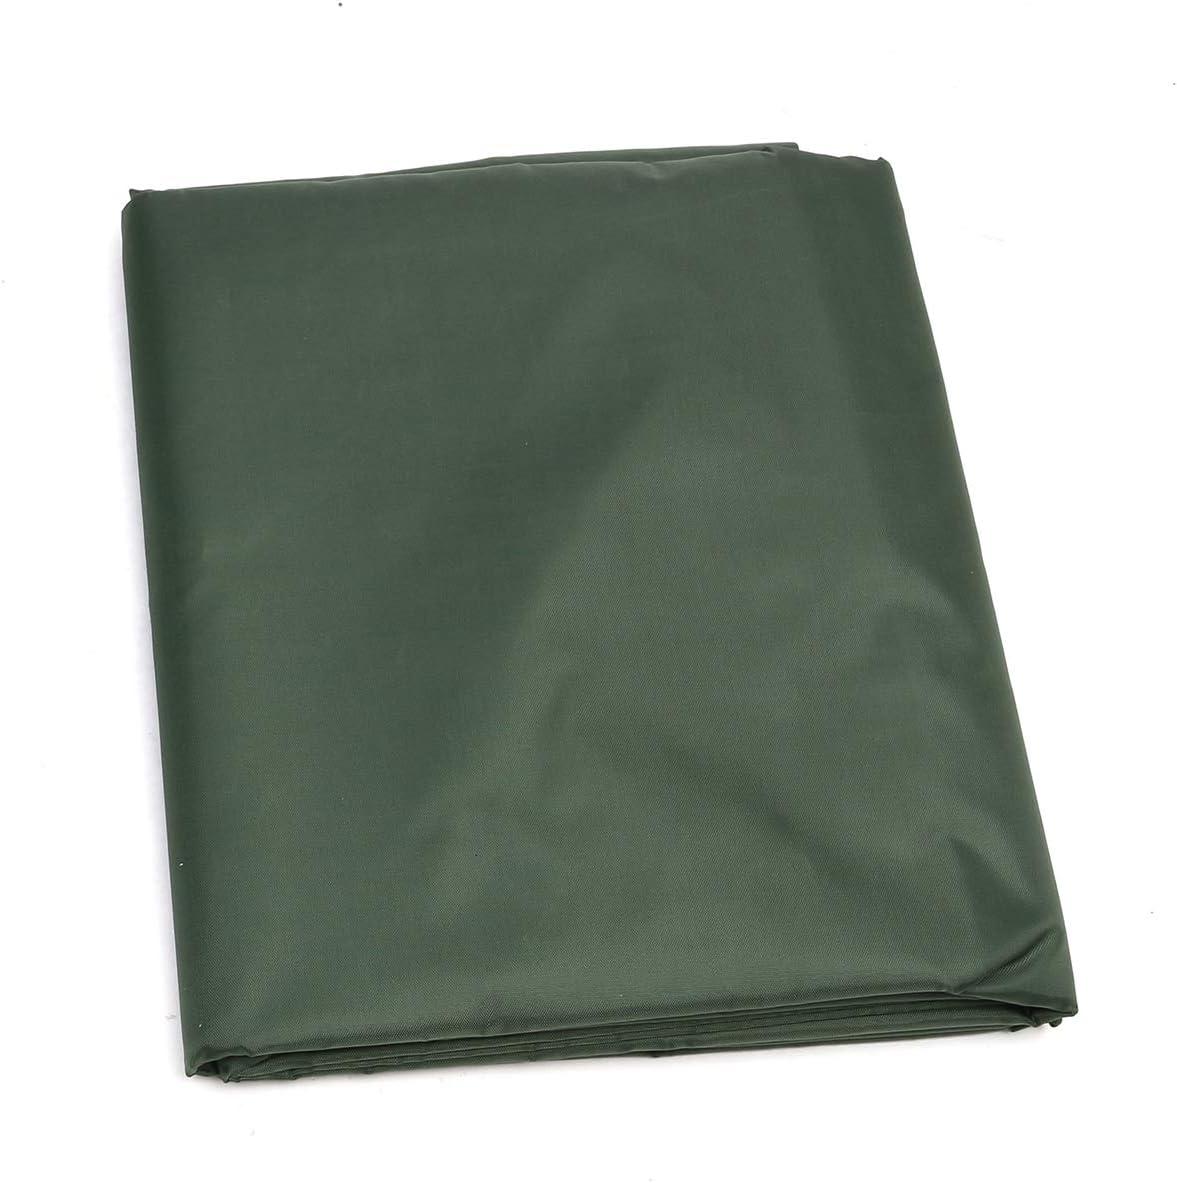 MXBIN 82x111x116cm Army Green Cortacésped Cortadora de polvo Lluvia impermeable Protección UV Nueva decoración de repuestos